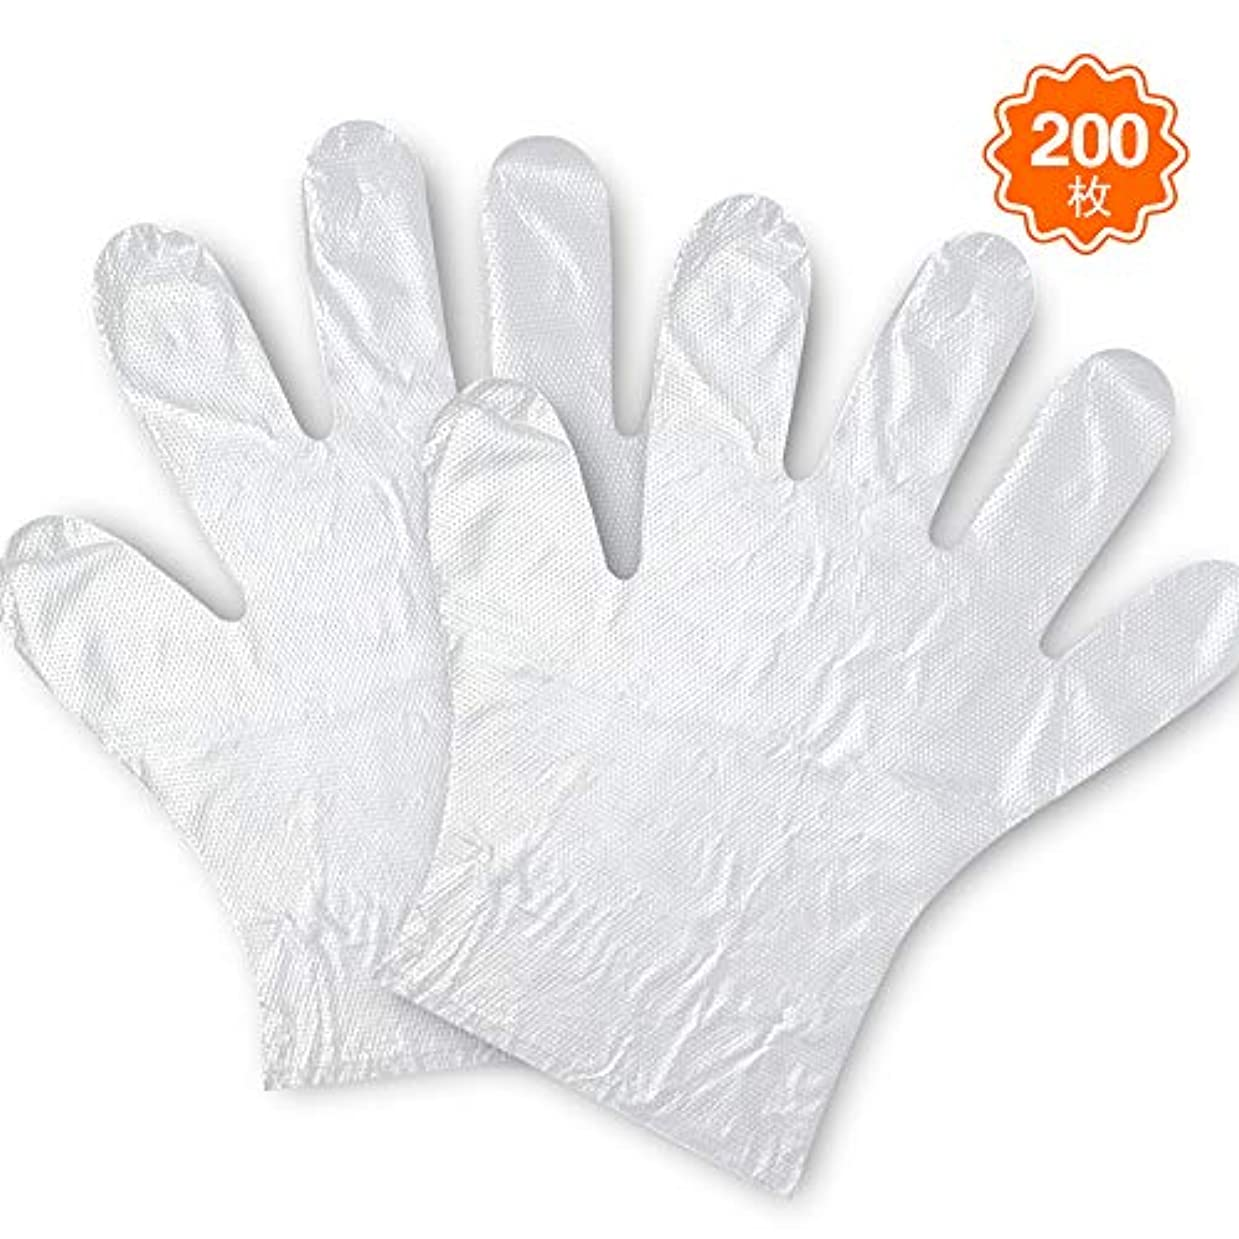 吹きさらし休憩せっかちFanDaMei 使い捨てポリ手袋 200枚 使いきり手袋 ポリエチレン 使い捨て手袋 極薄手袋 調理に?お掃除に?毛染めに 食品衛生法適合